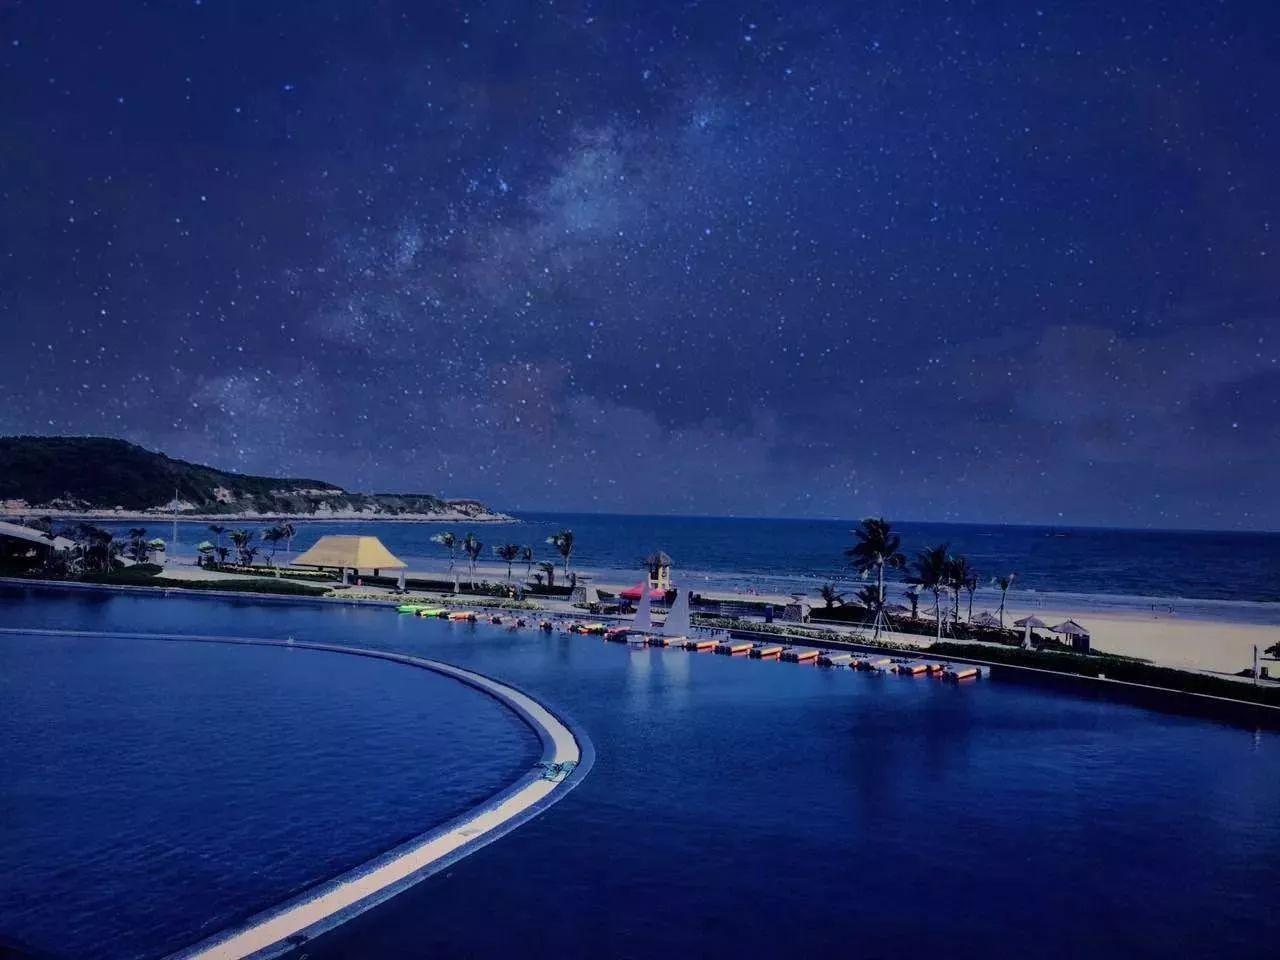 去过100个海岛,还是喜欢这里!夜晚还有璀璨灯光秀!